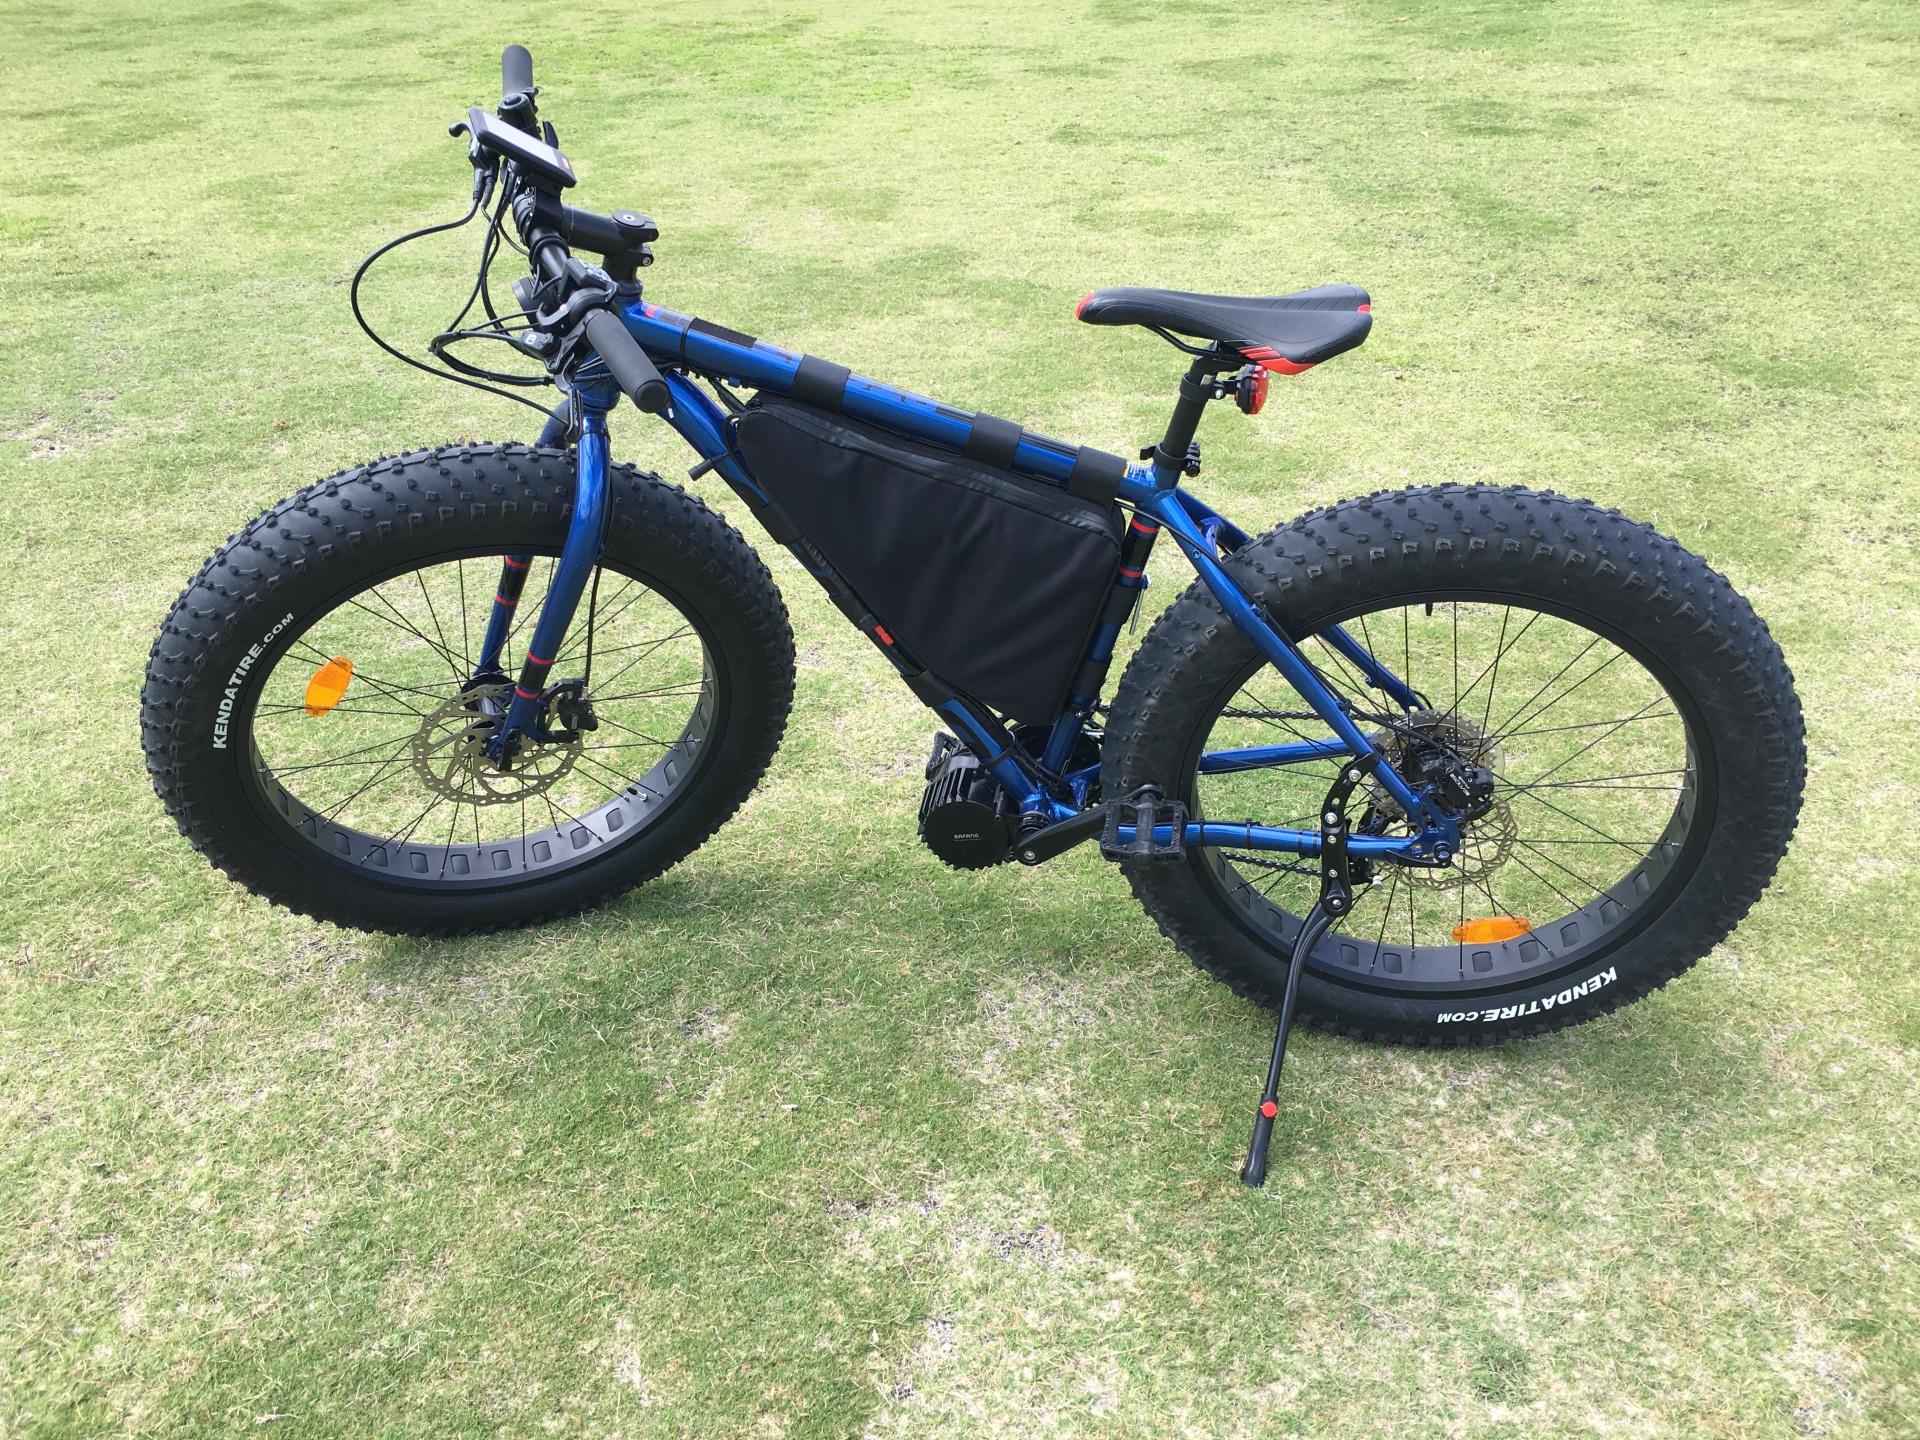 Apollo stout 10 electric bike